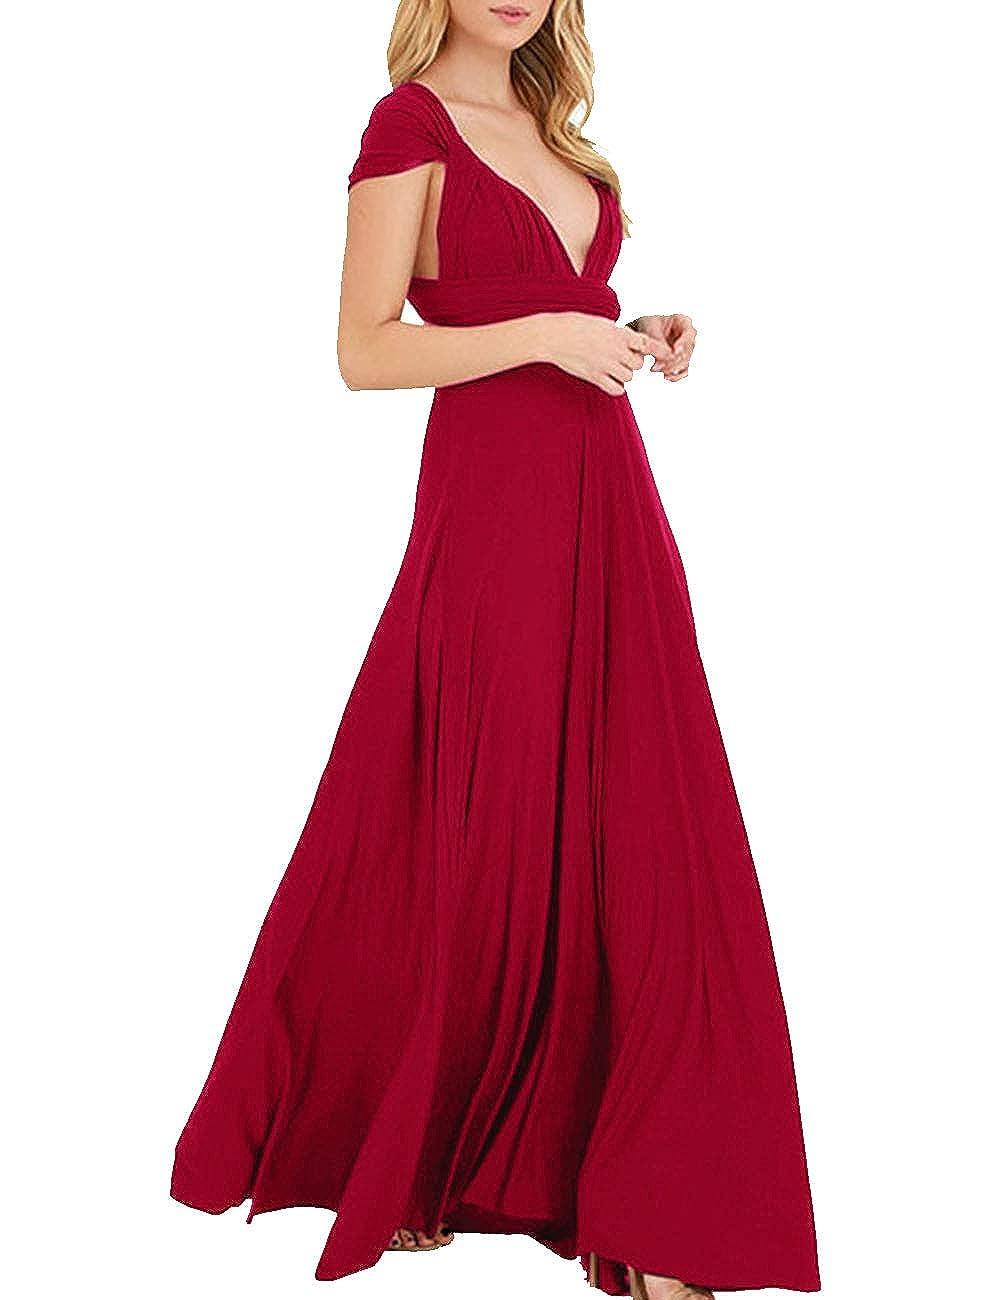 TALLA XL. EMMA Mujeres Falda Larga de Cóctel Vestido de Noche Dama de Honor Elegante sin Respaldo Rojo Vino XL